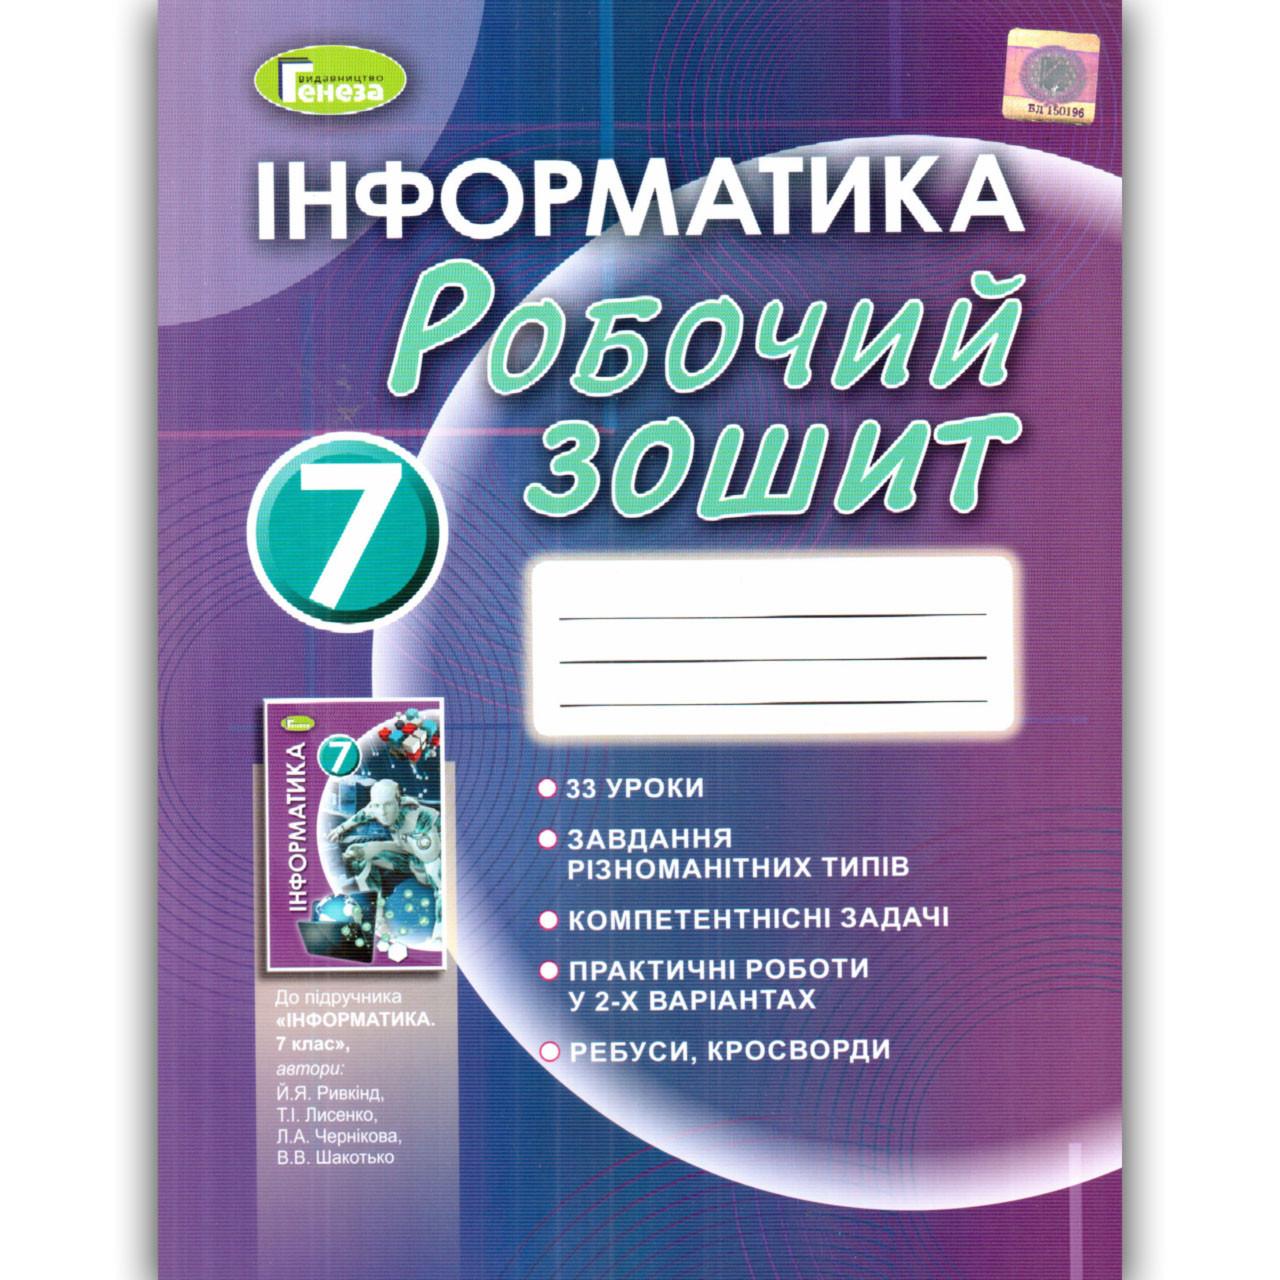 Робочий зошит Інформатика 7 клас Авт: Ривкінд Й. Лисенко Т. Чернікова Л. Шакотько В. Вид: Генеза